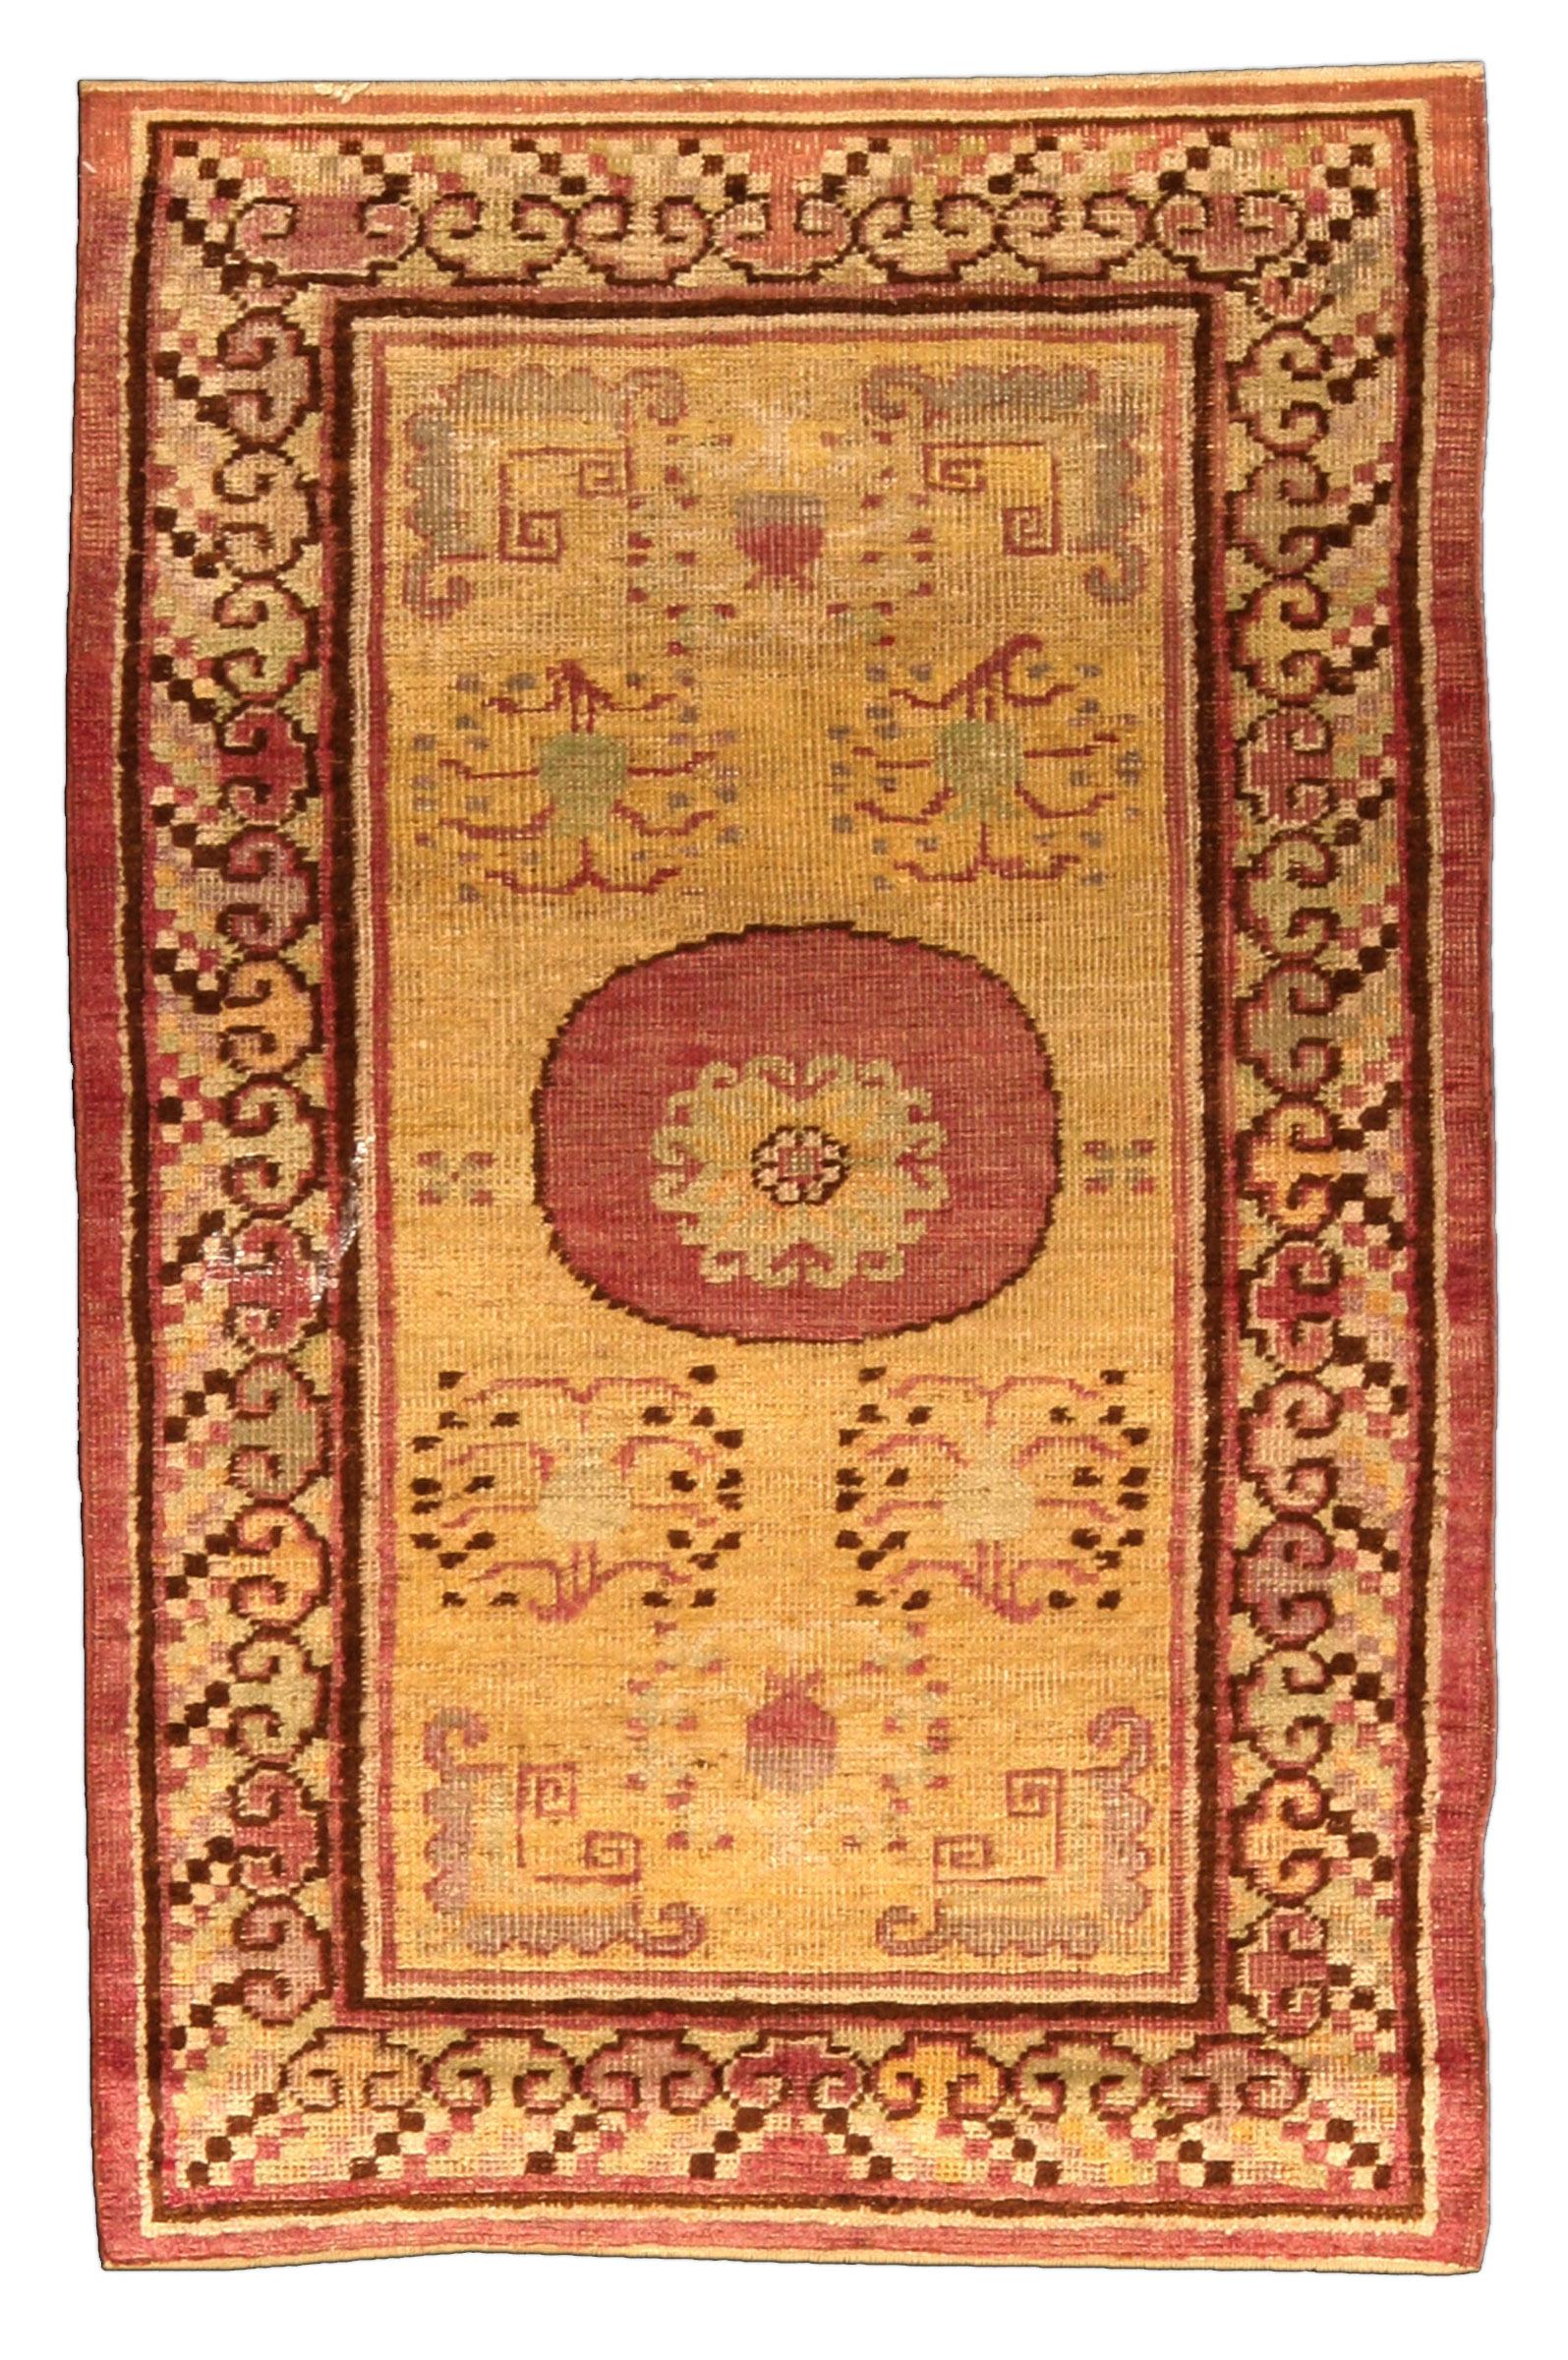 Vintage Samarkand Khotan Rug Bb4439 By Doris Leslie Blau